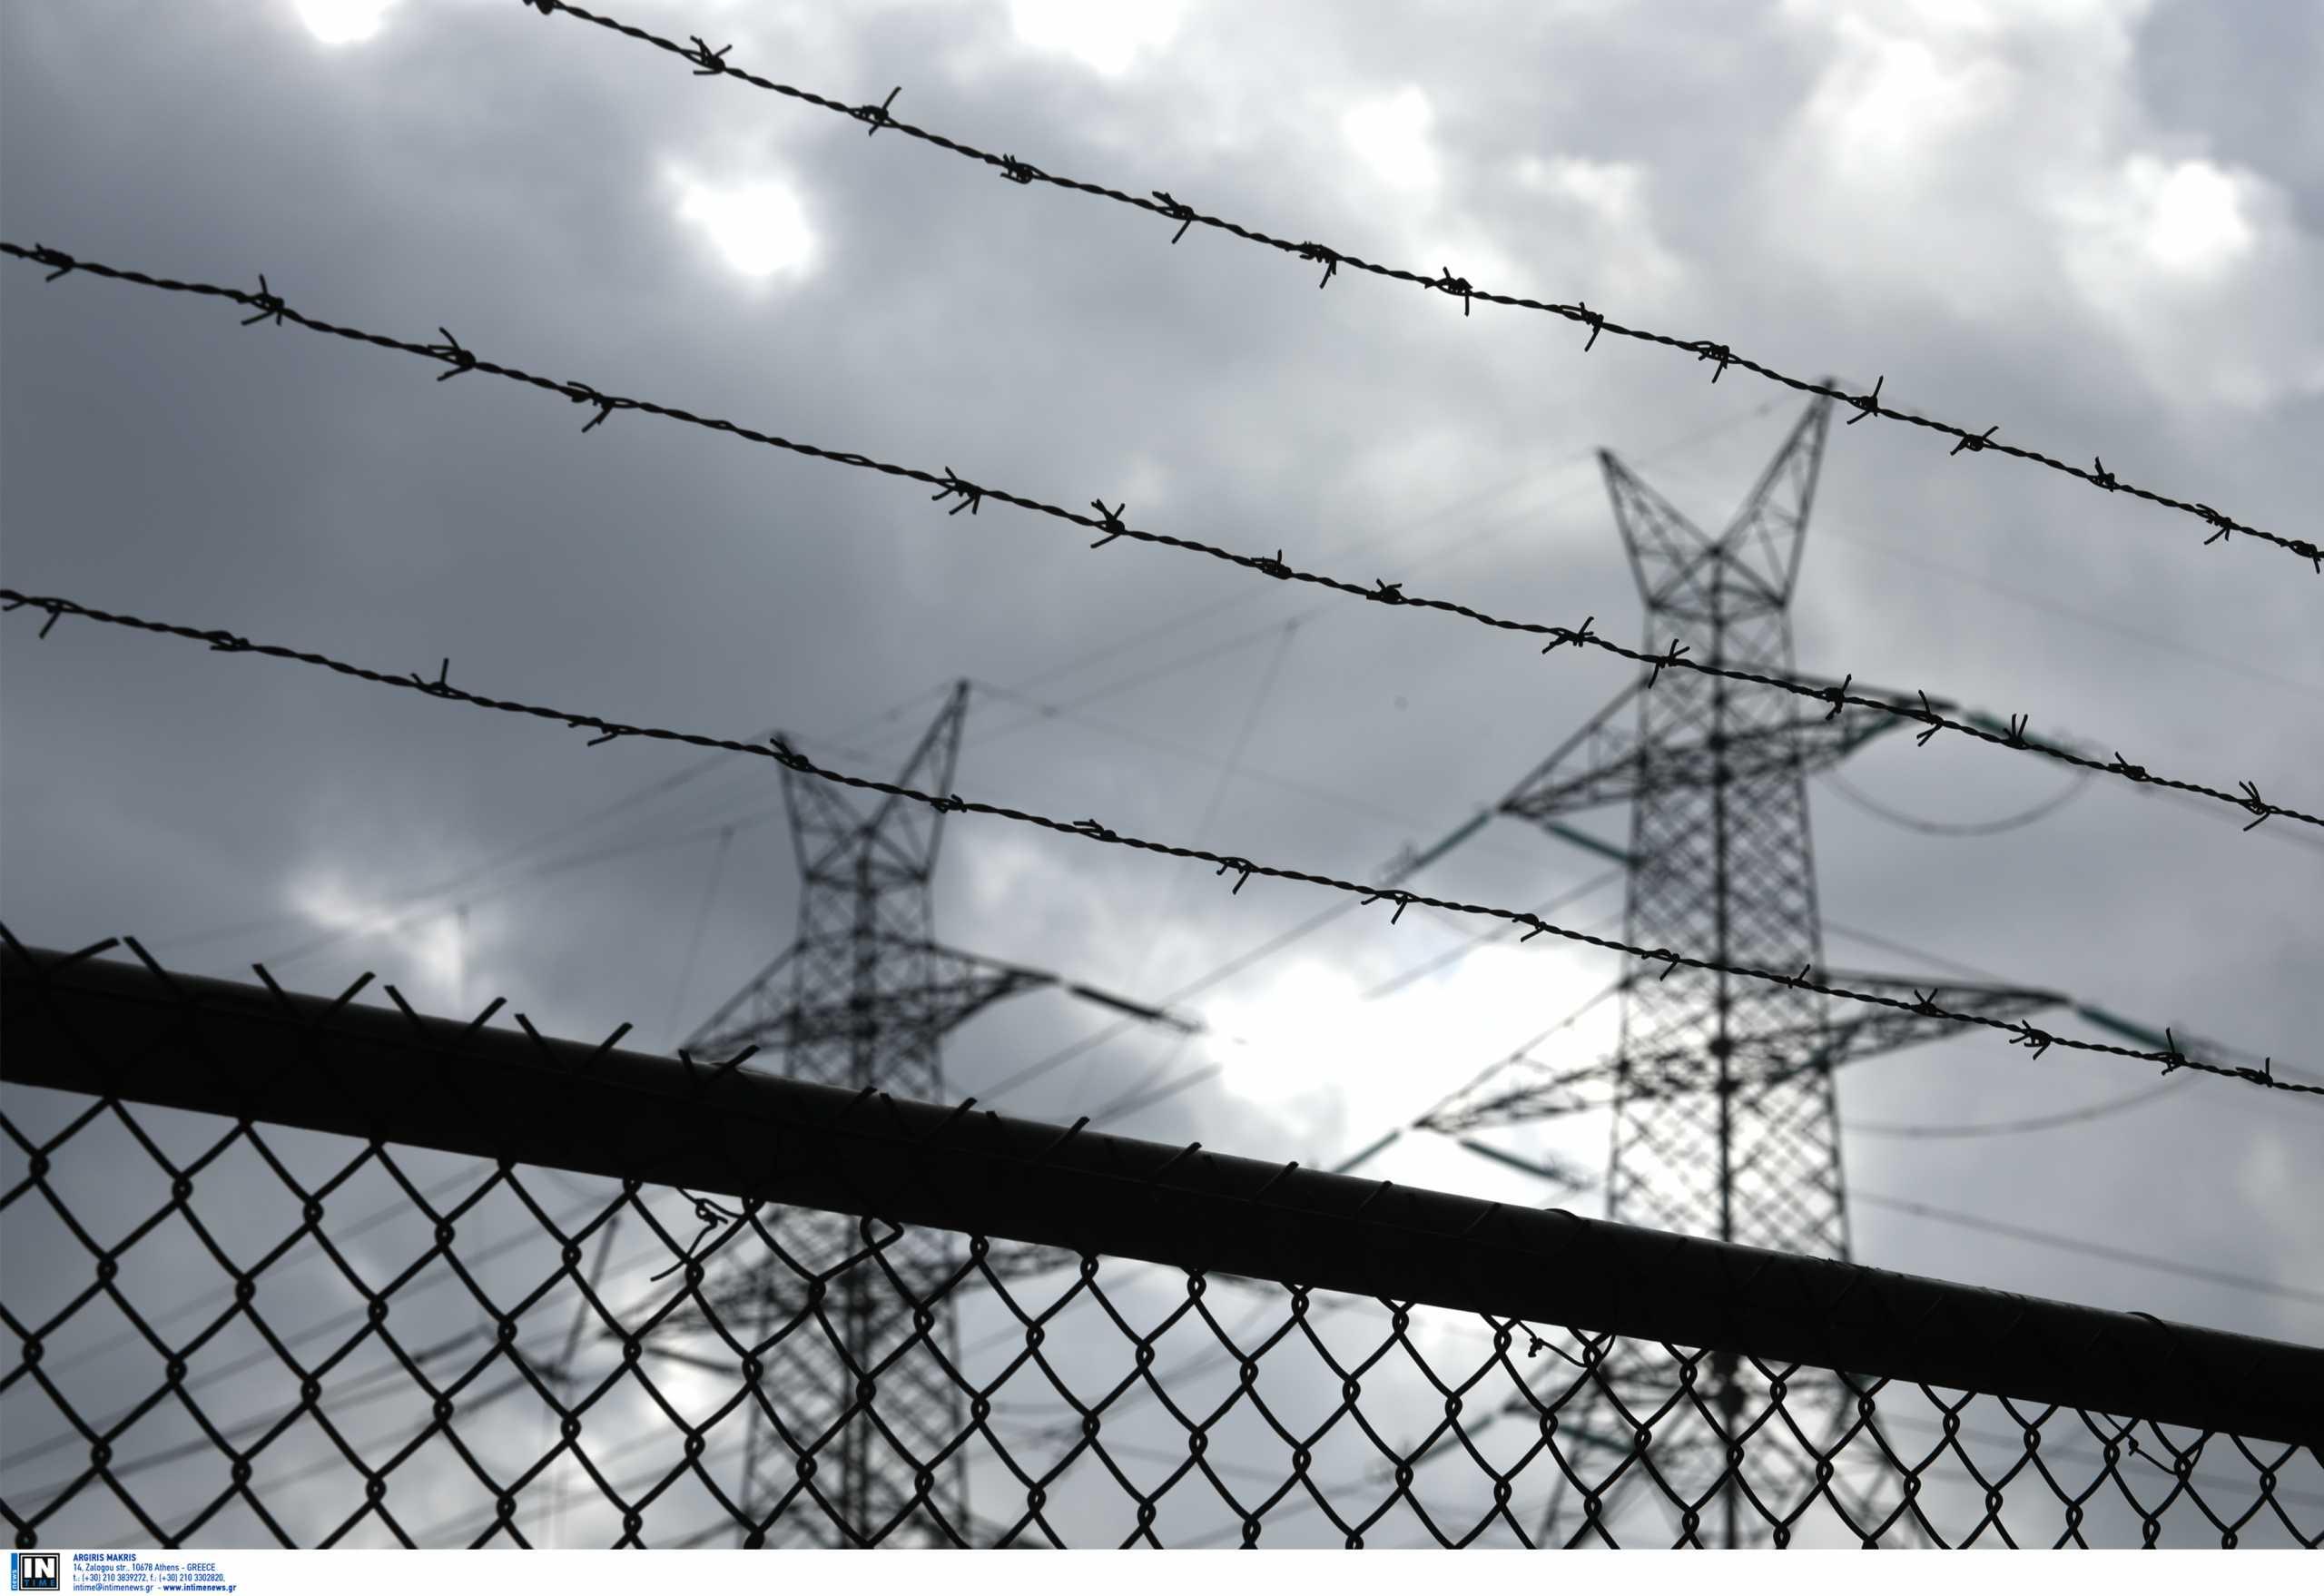 Ρυθμιστική Αρχή Ενέργειας: Μεγάλες αποκλίσεις μεταξύ των προμηθευτών στα τιμολόγια ηλεκτρικής ενέργειας